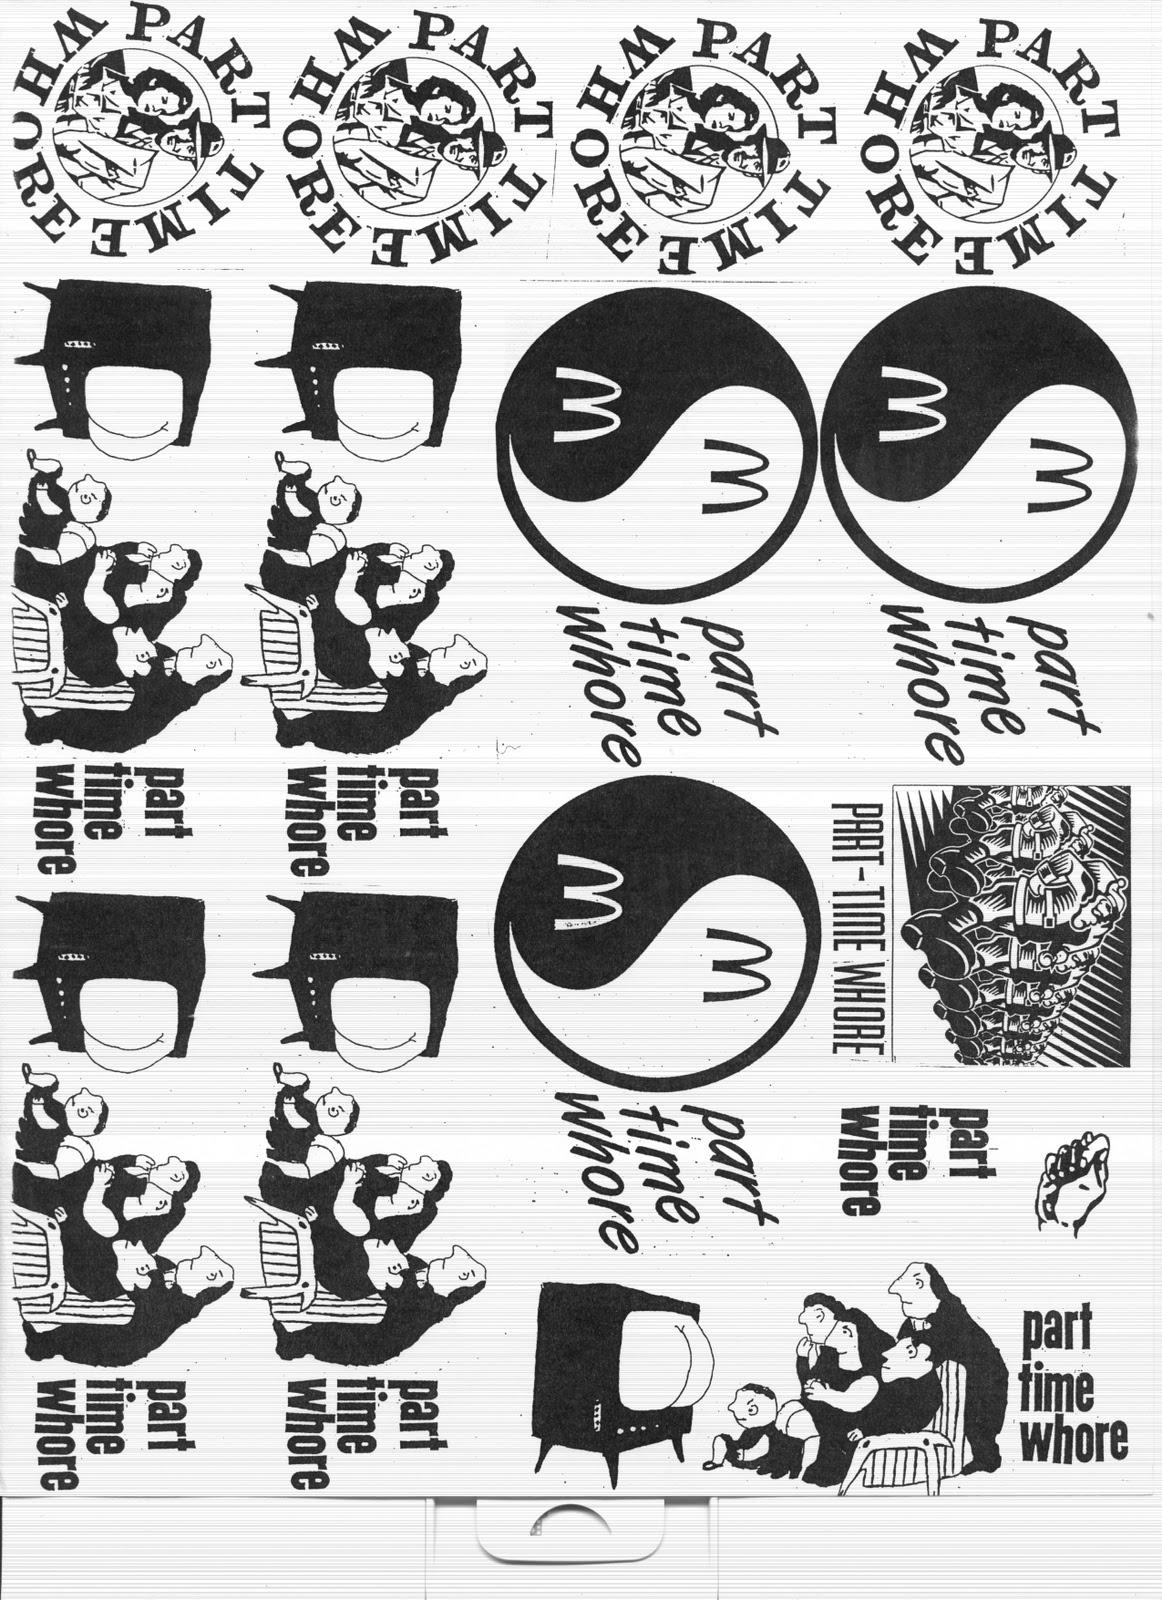 Sticker sheets by Sticker Mule